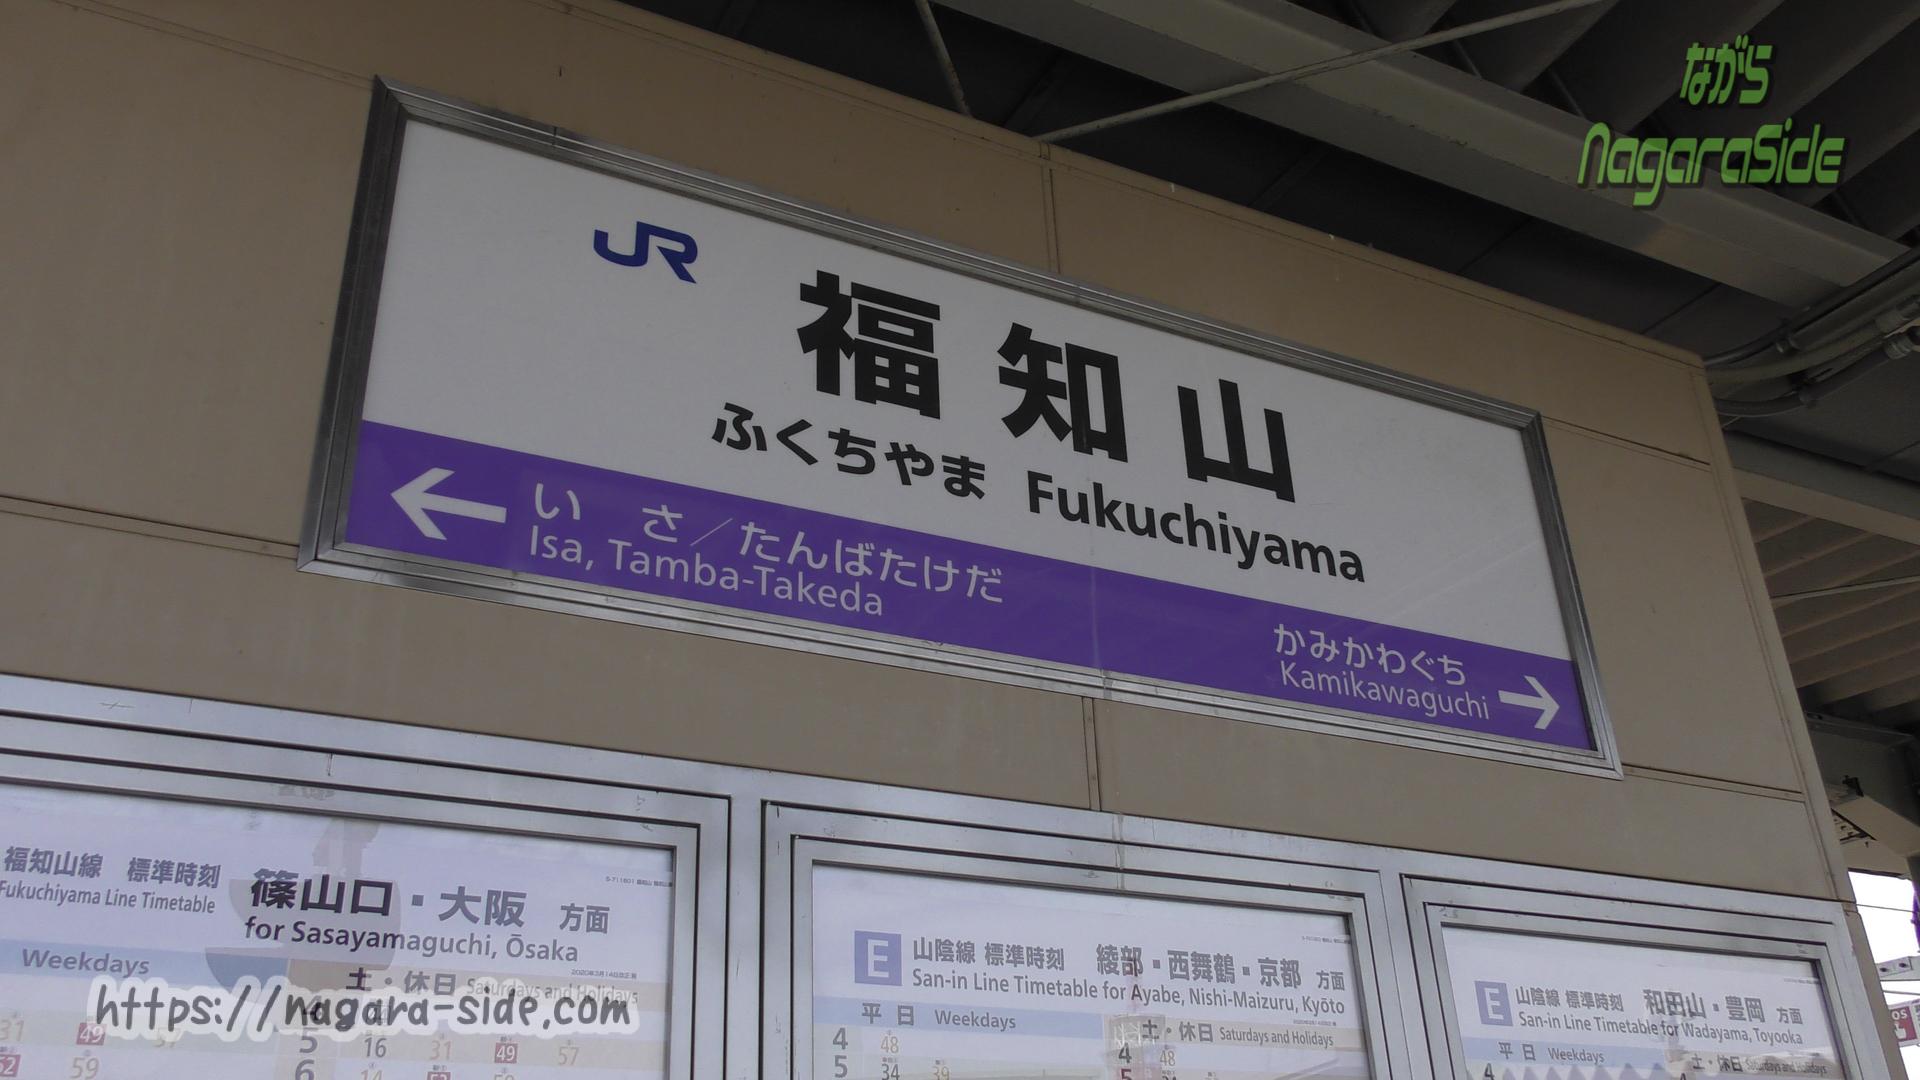 実は少ない両端に山陰本線の駅が書かれる福知山駅の駅名標